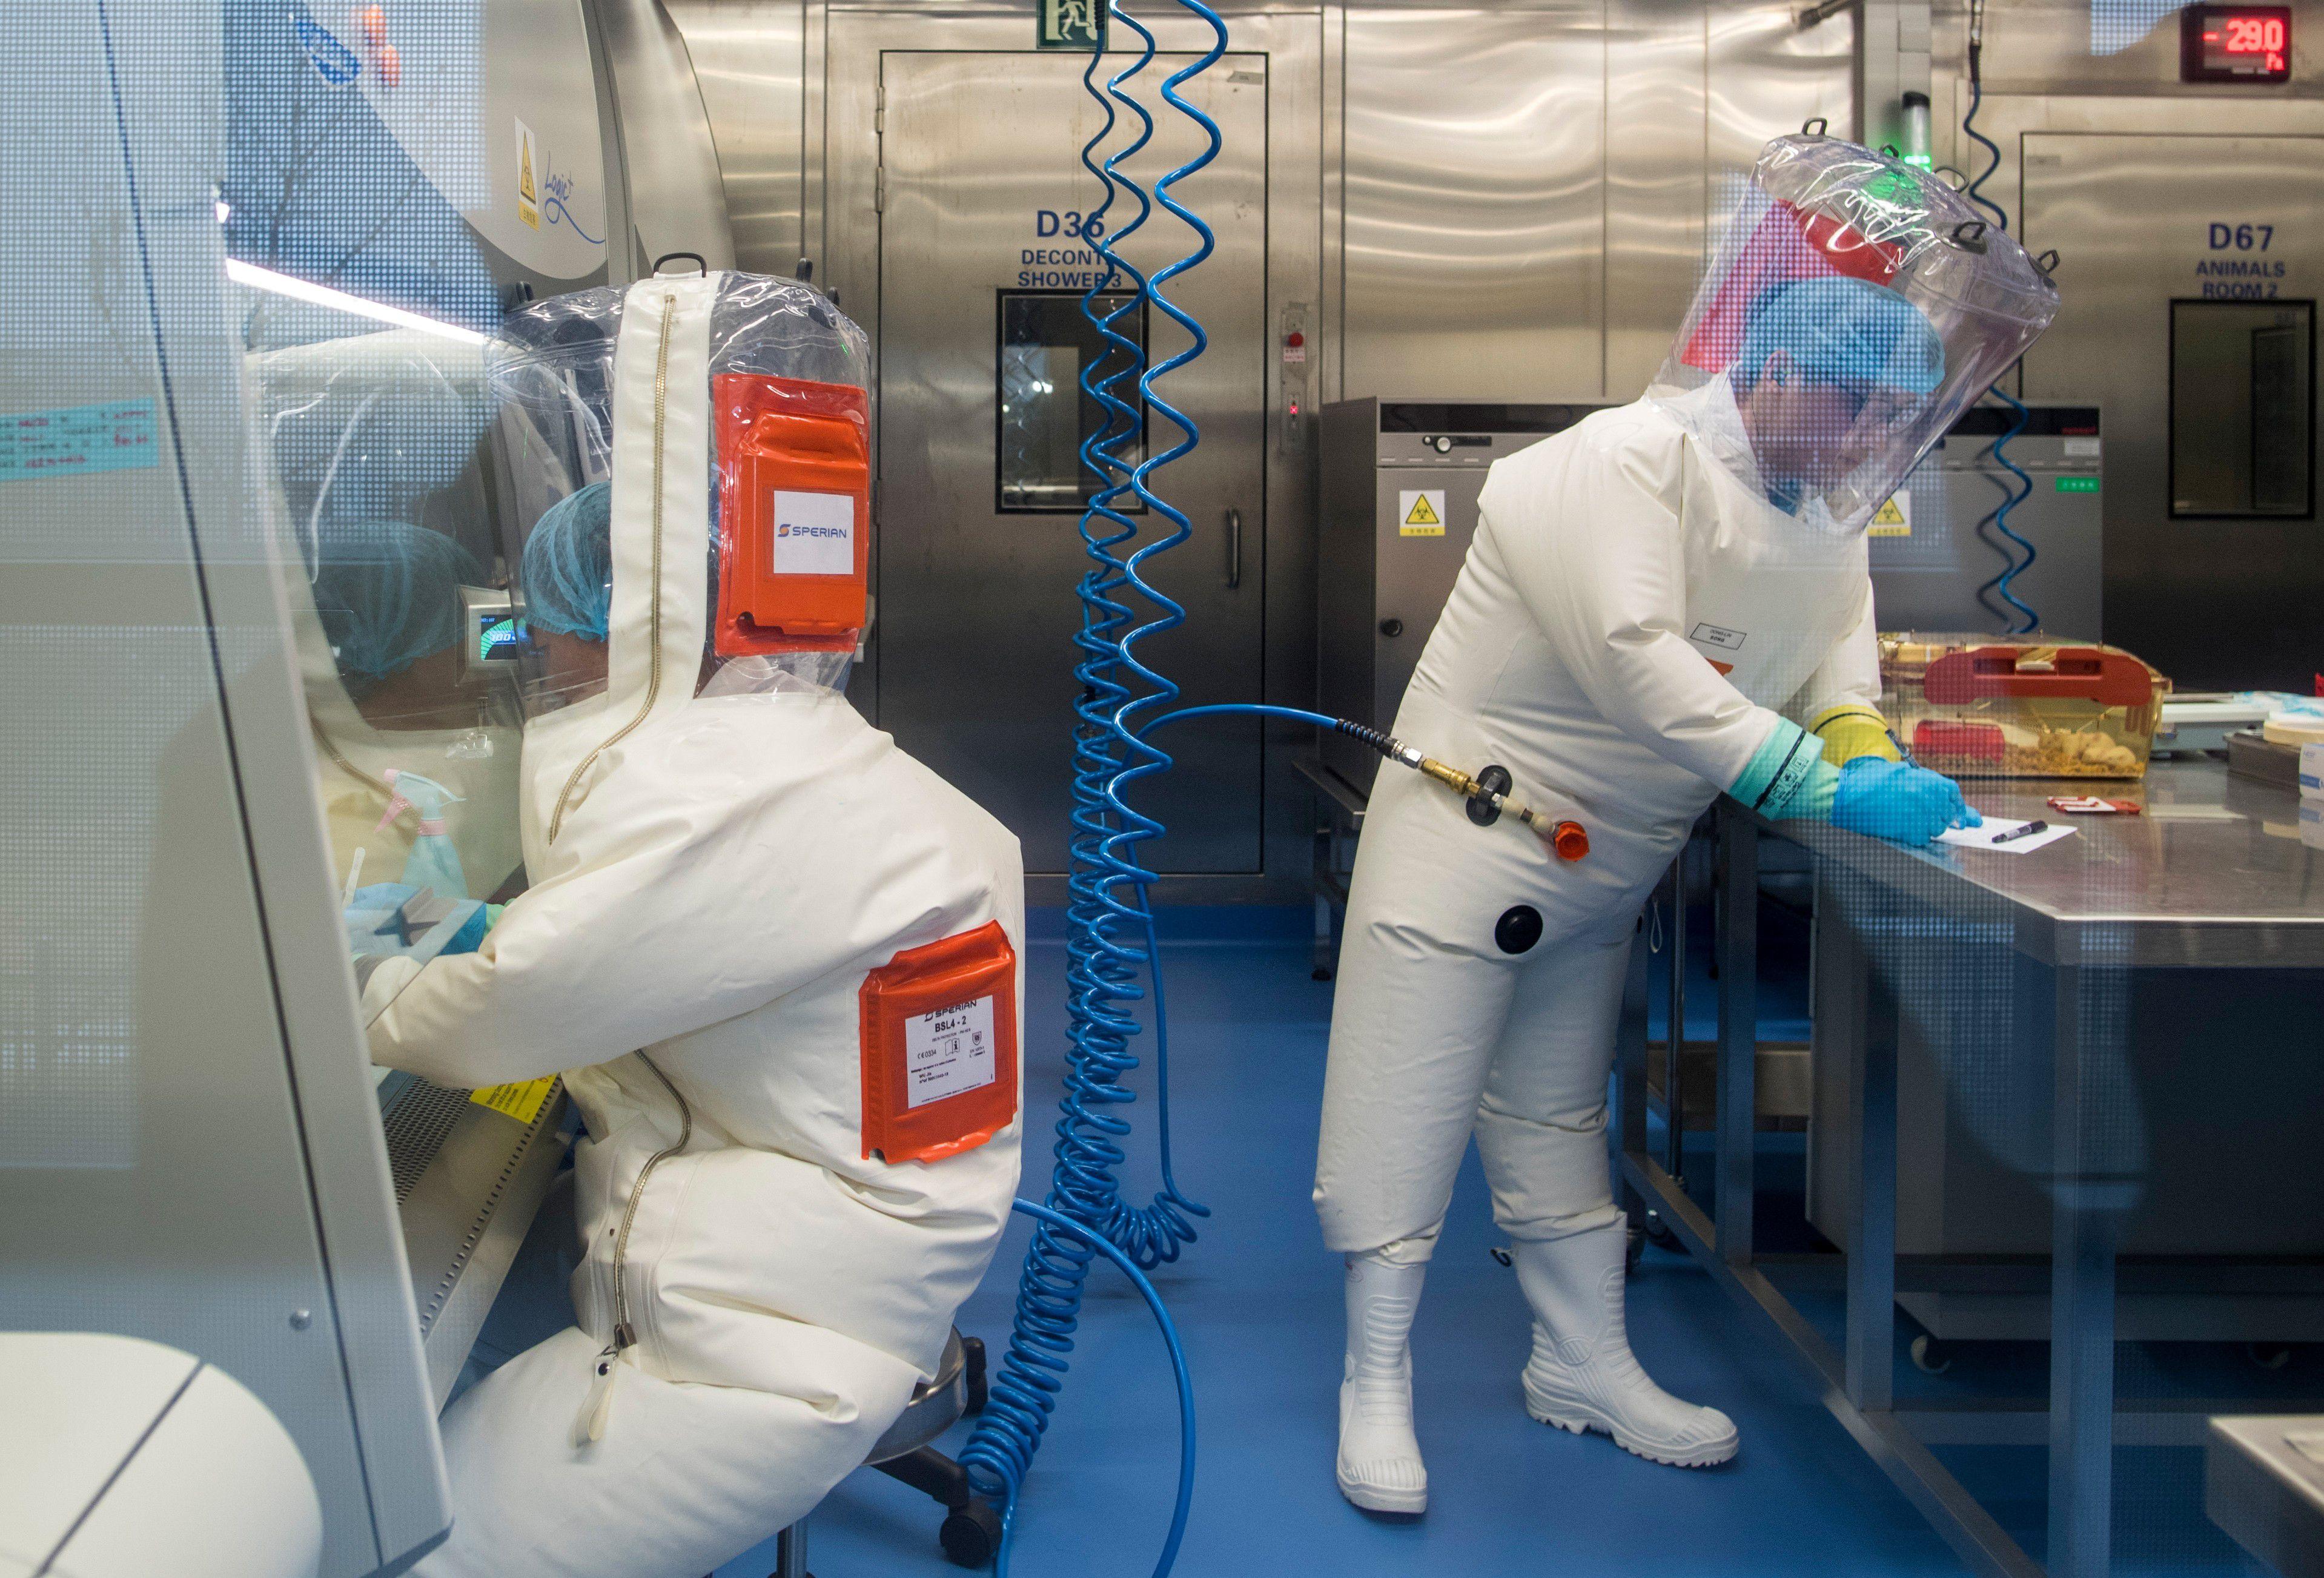 Investigadores en el laboratorio de Wuhan. ( JOHANNES EISELE / AFP)